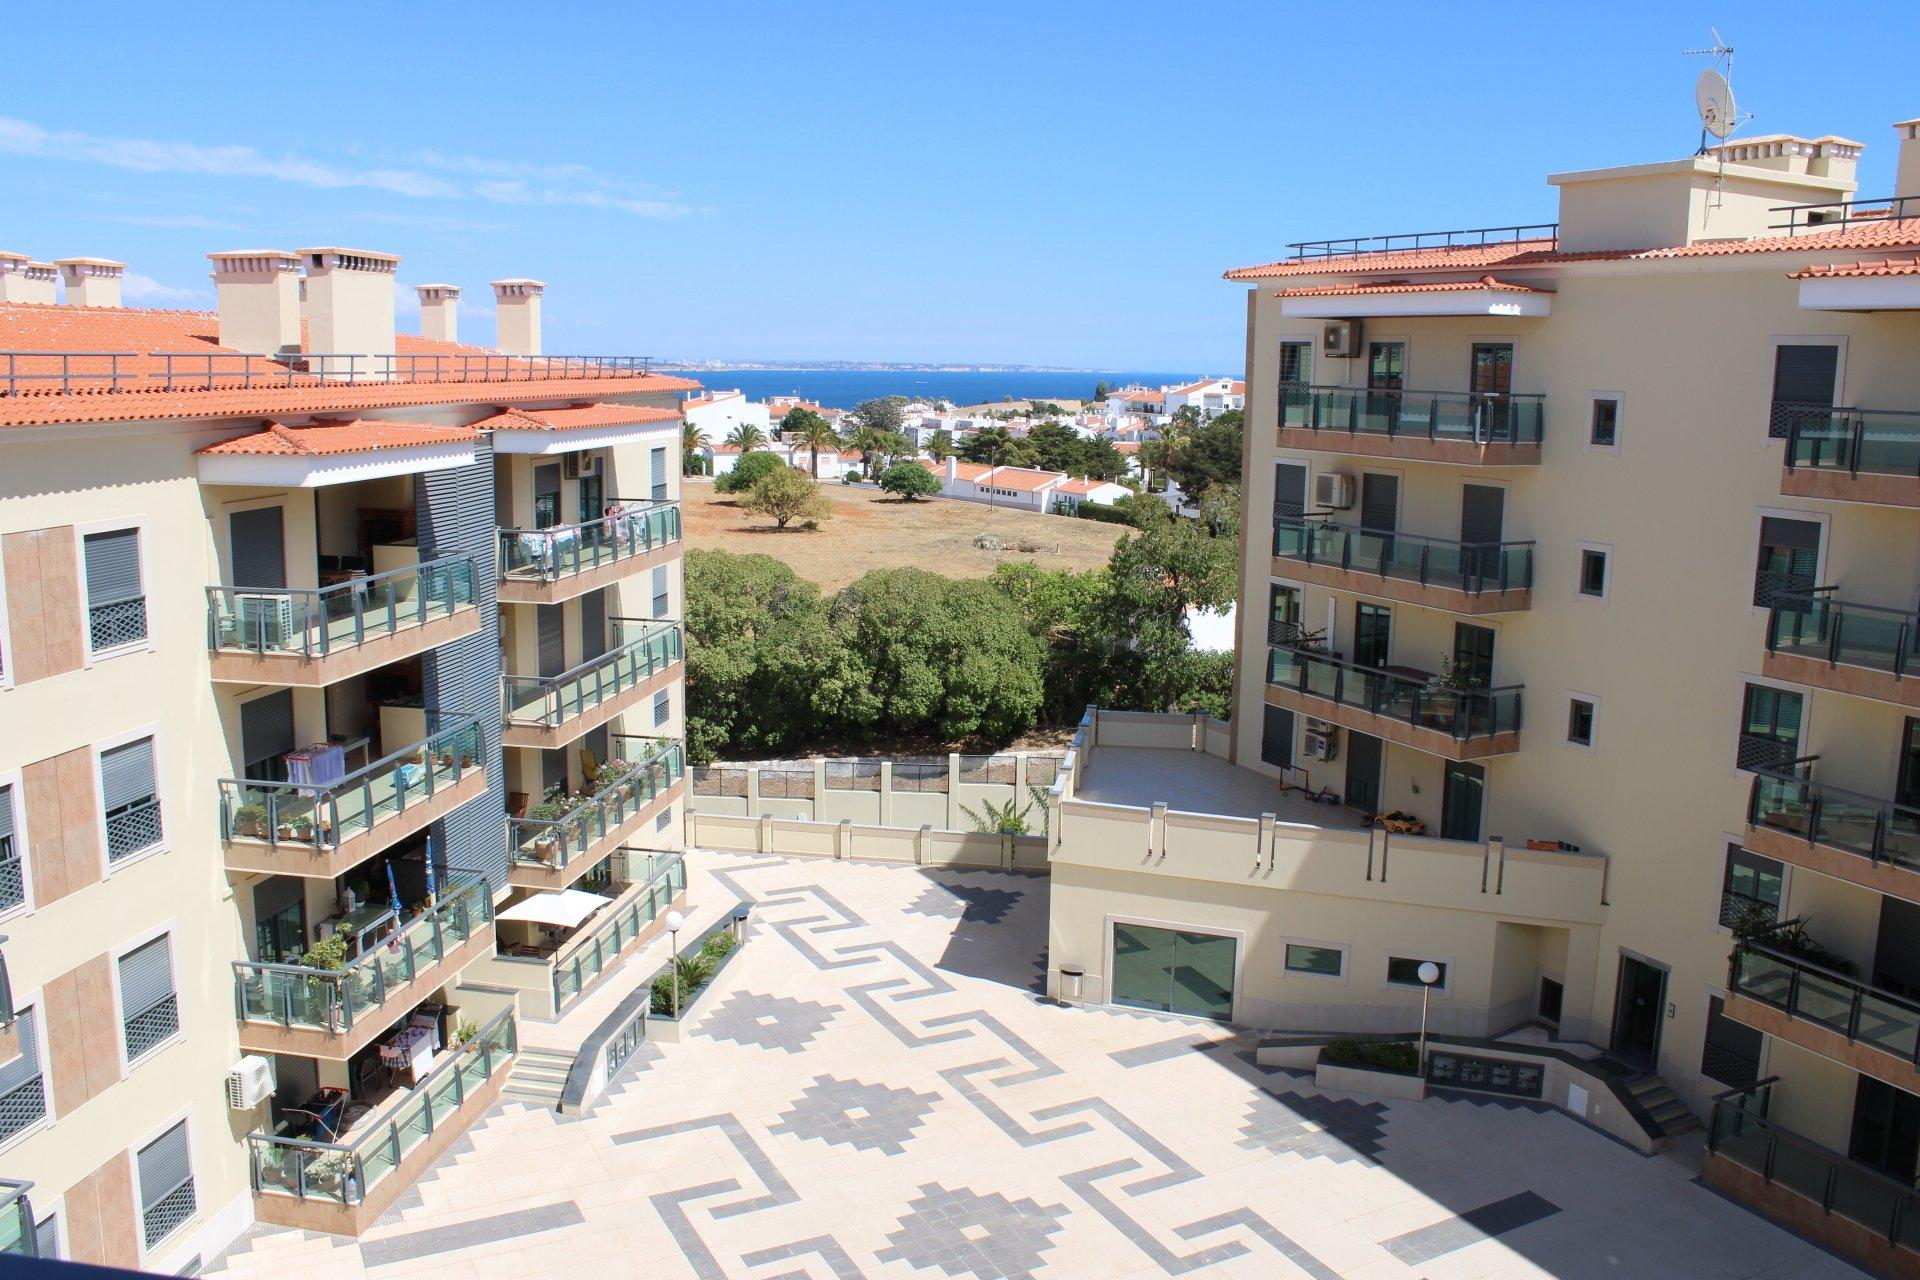 3 Bedroom Apartment Lagos, Western Algarve Ref: GA413